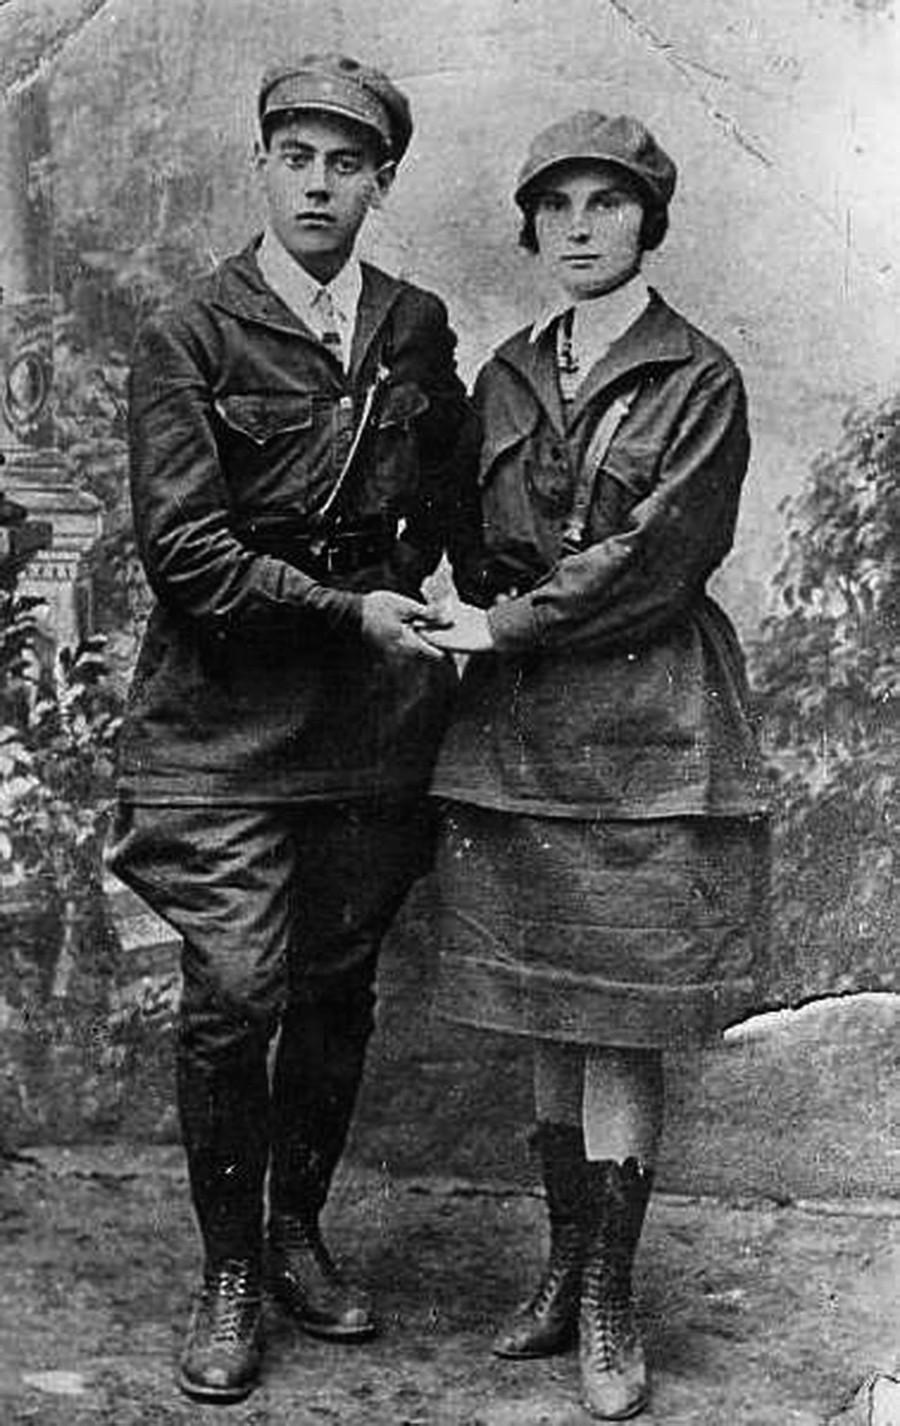 Комсомольцы 1920-х годов